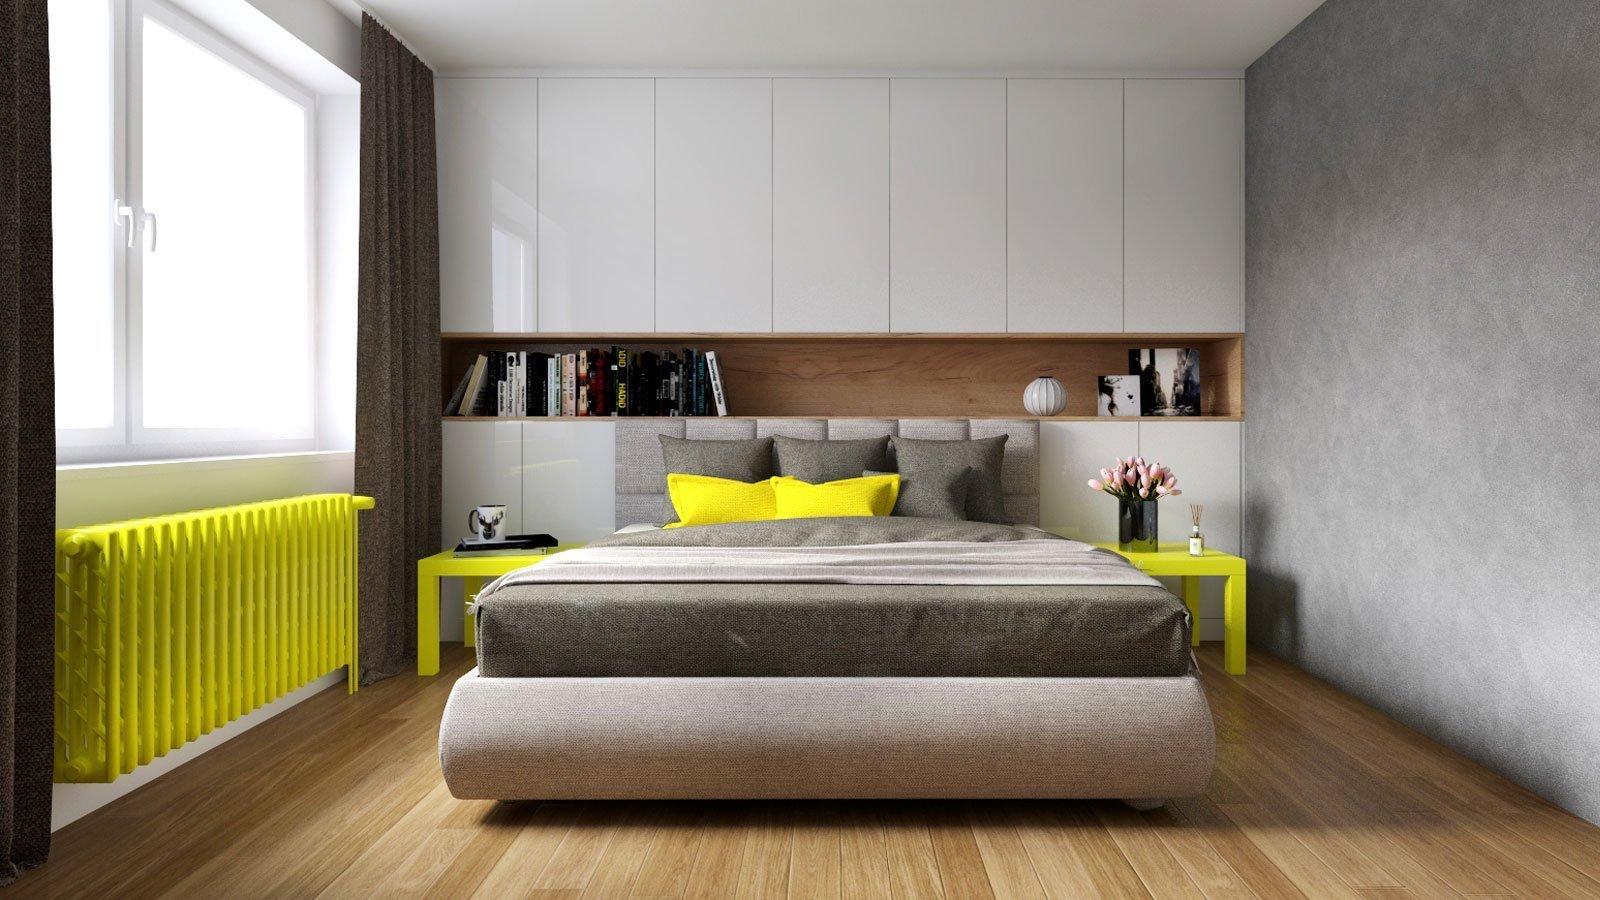 Návrh interiéru obývacího pokoje s ložnicí a chodbouve skandinávském stylu. Jídelní stůl v dřevěném dekoru je doplněn o židle značky TON v barevném…